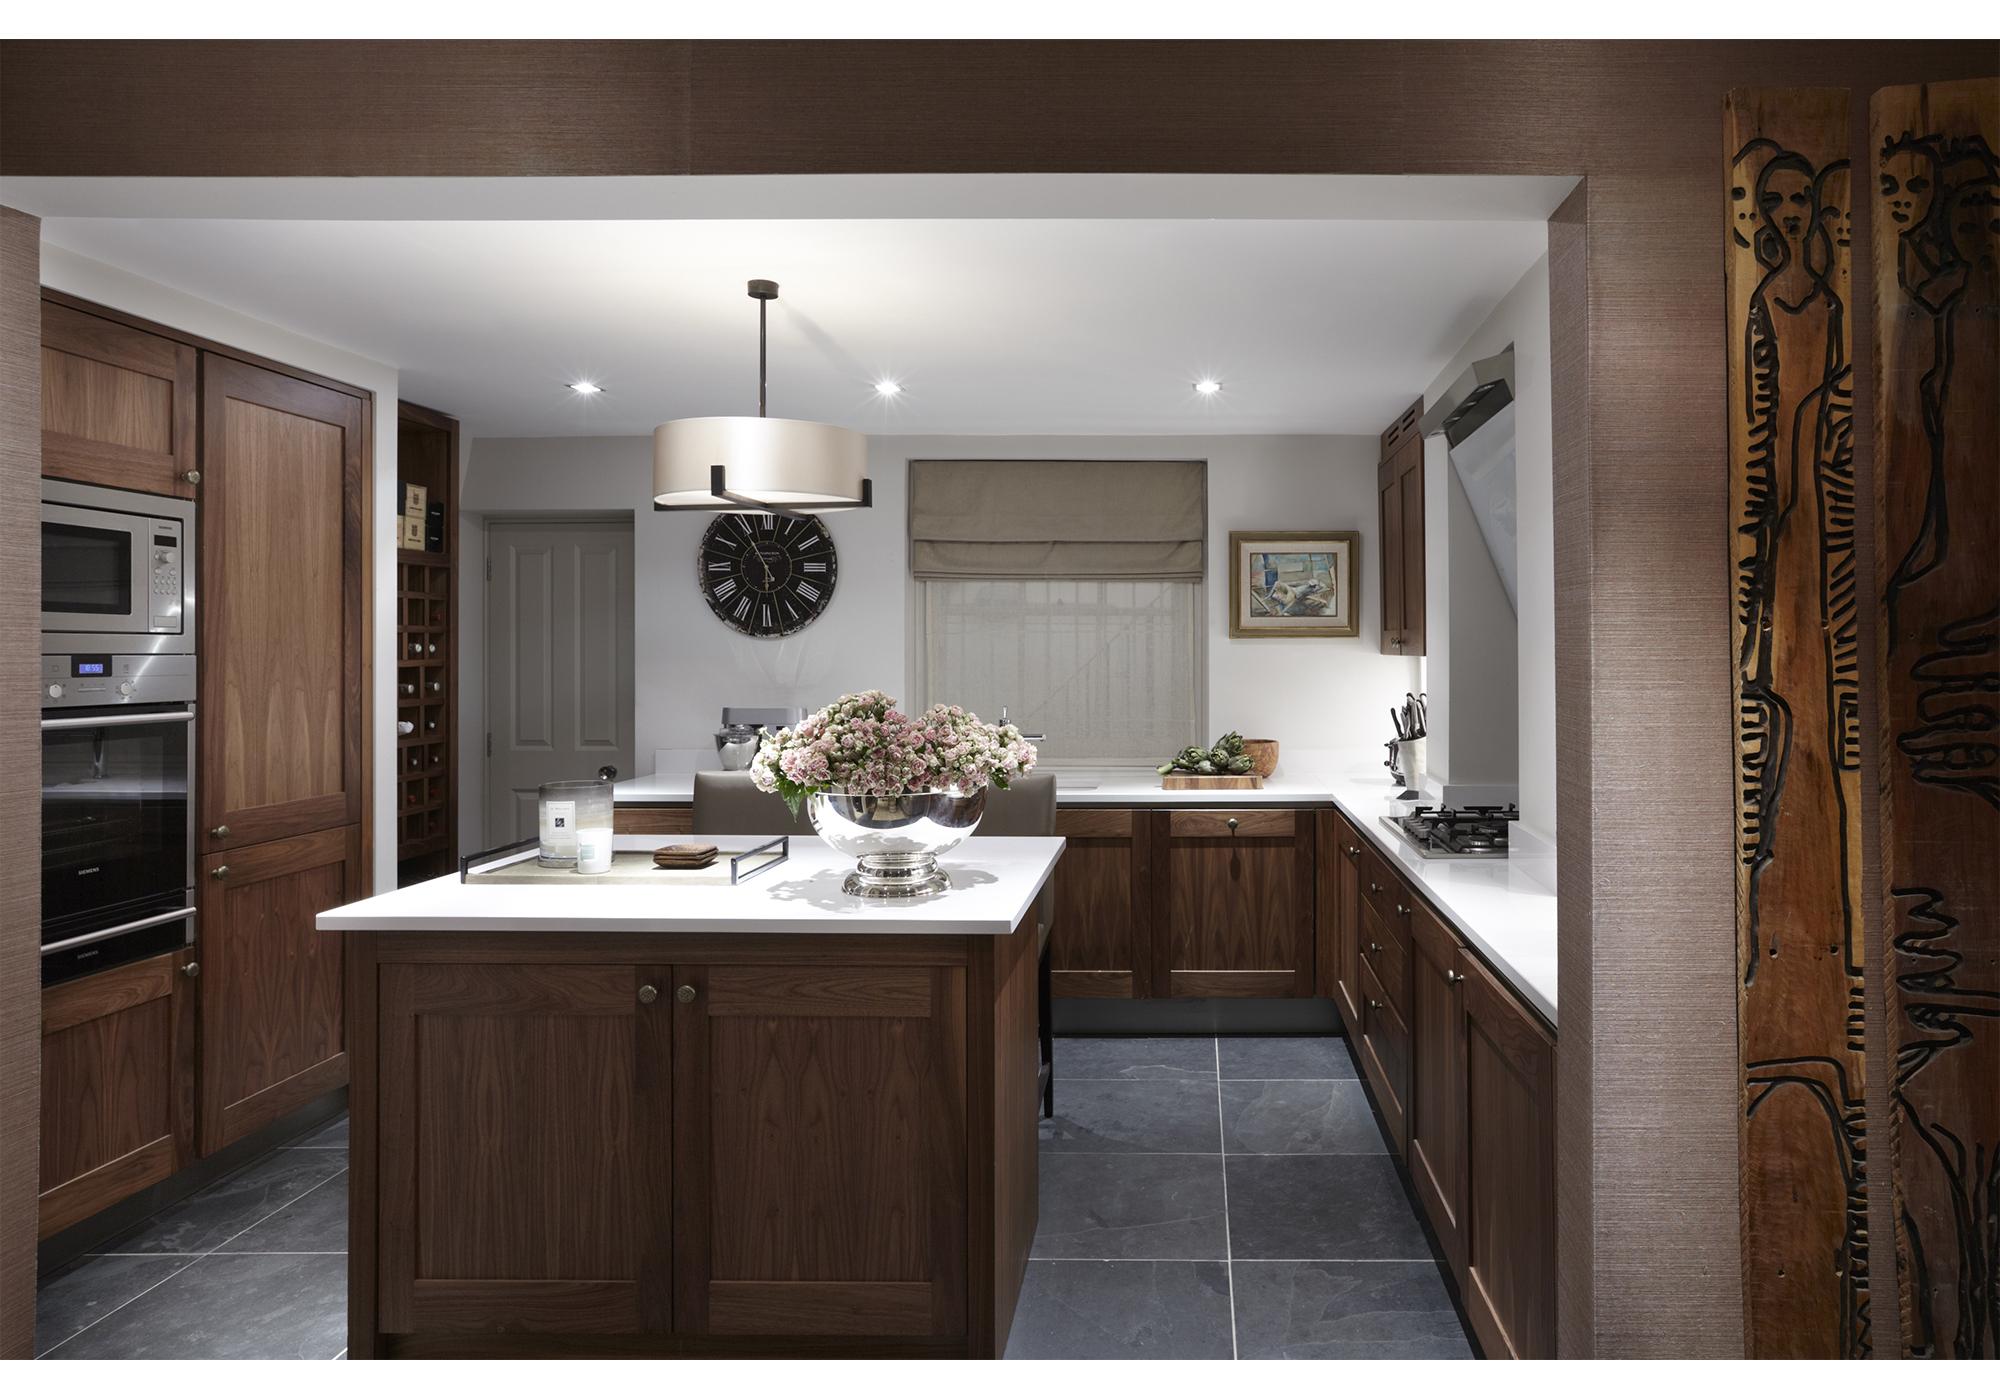 Meet Fiona Barratt Interiors - A Brilliant Interior Design Firm